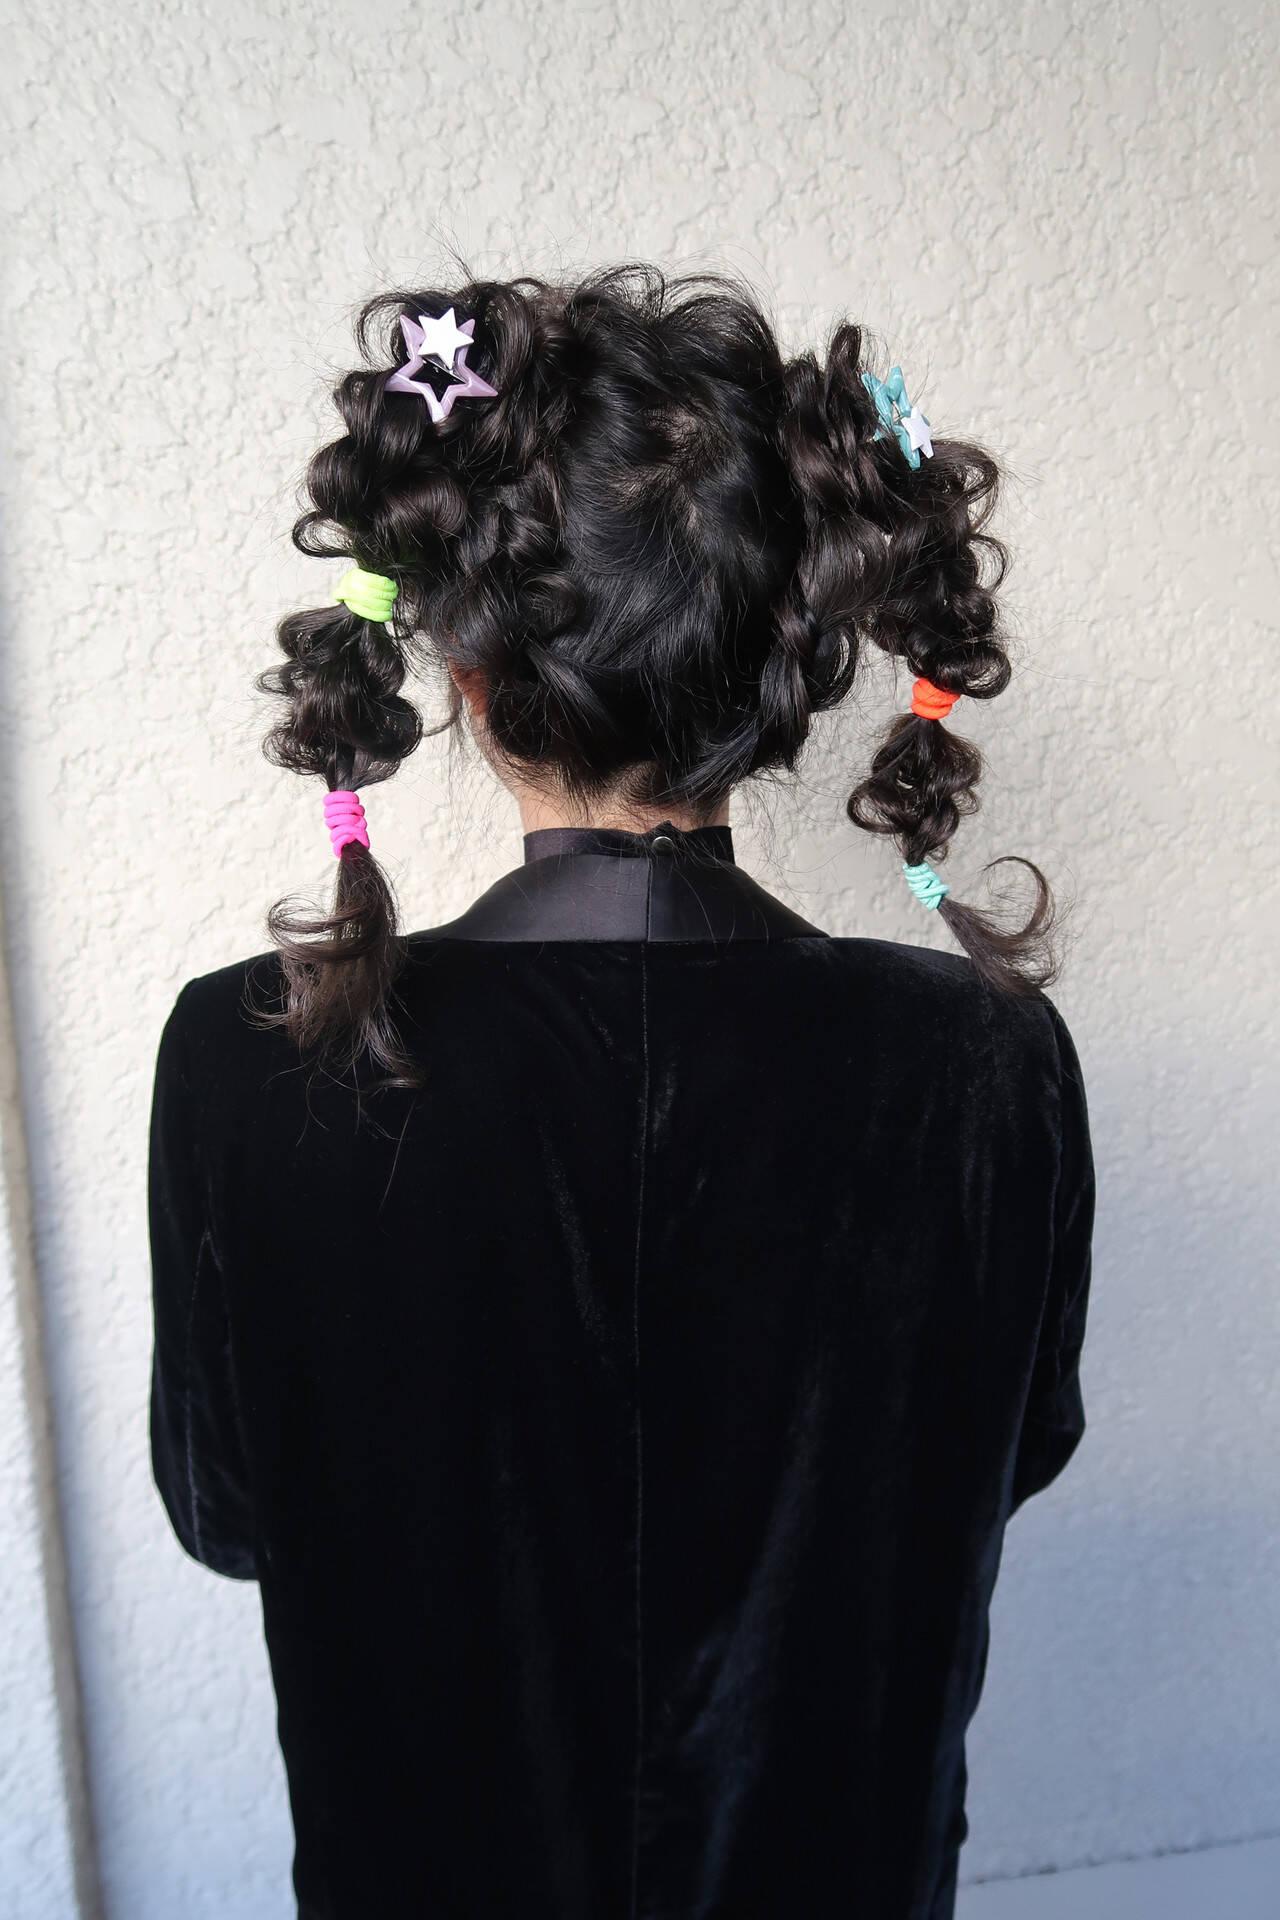 パーティー 結婚式 ツインテール ガーリーヘアスタイルや髪型の写真・画像